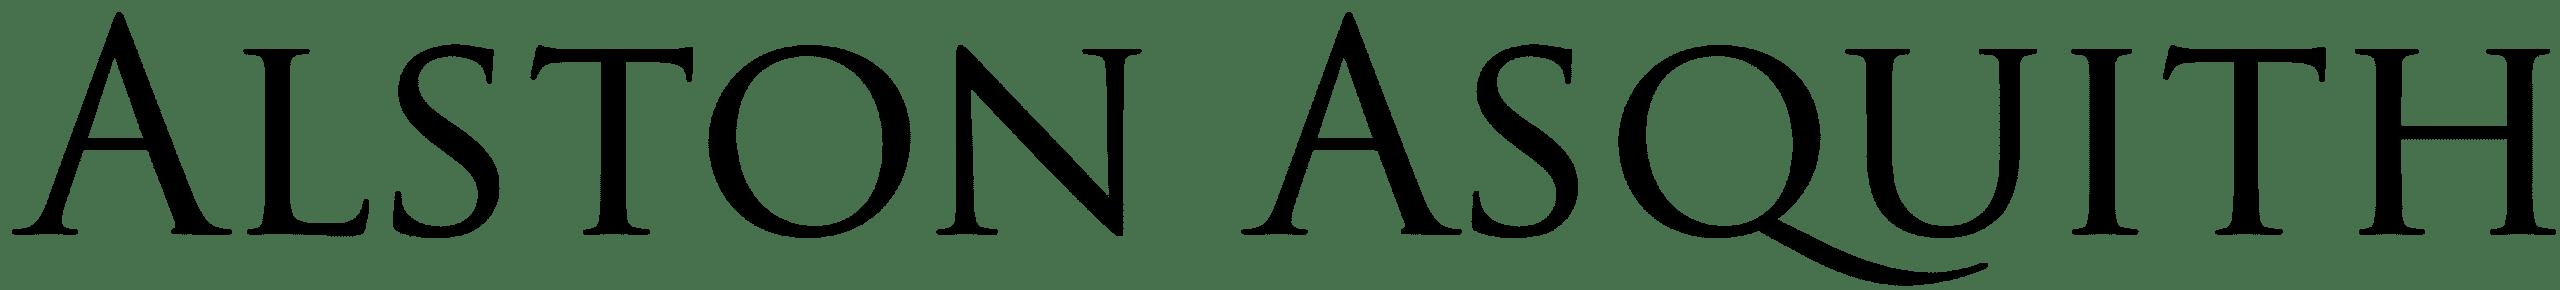 Alston Asquith